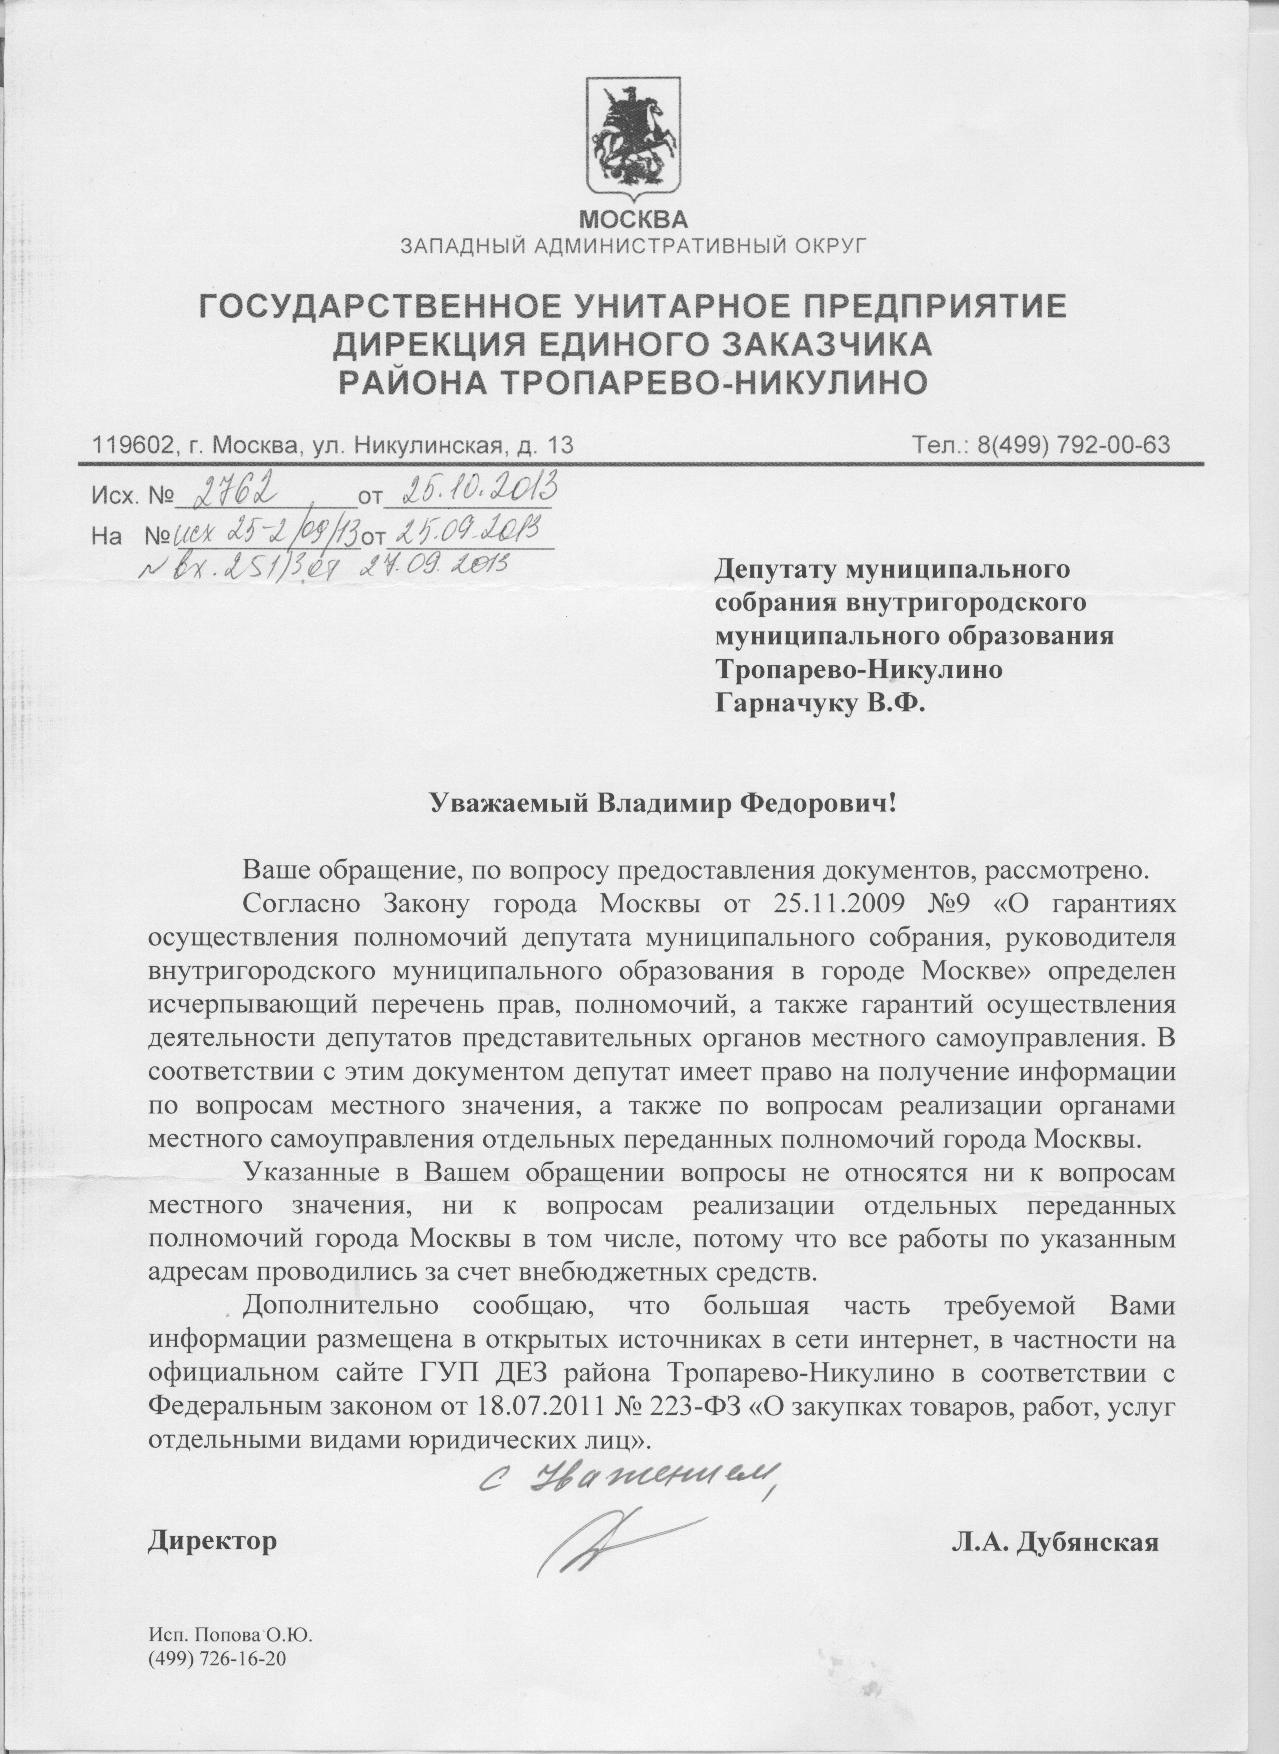 ответ ГУИС  25.10.13  по актам